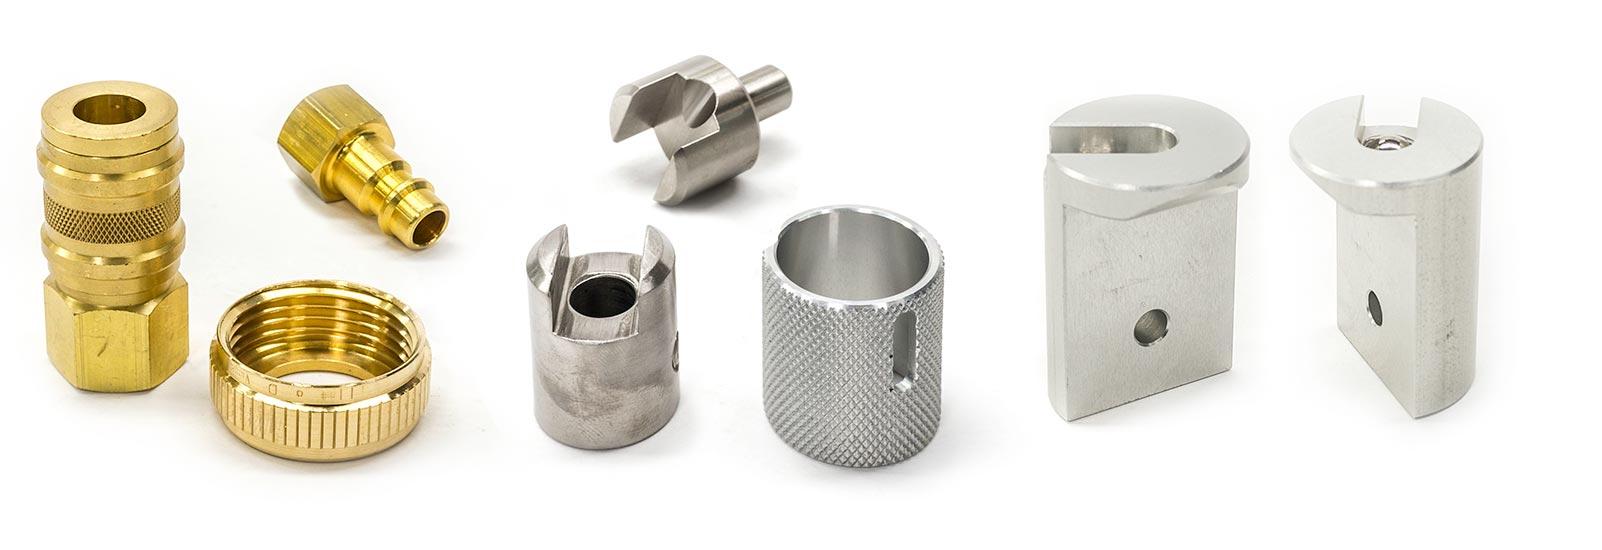 Multivac repair kits